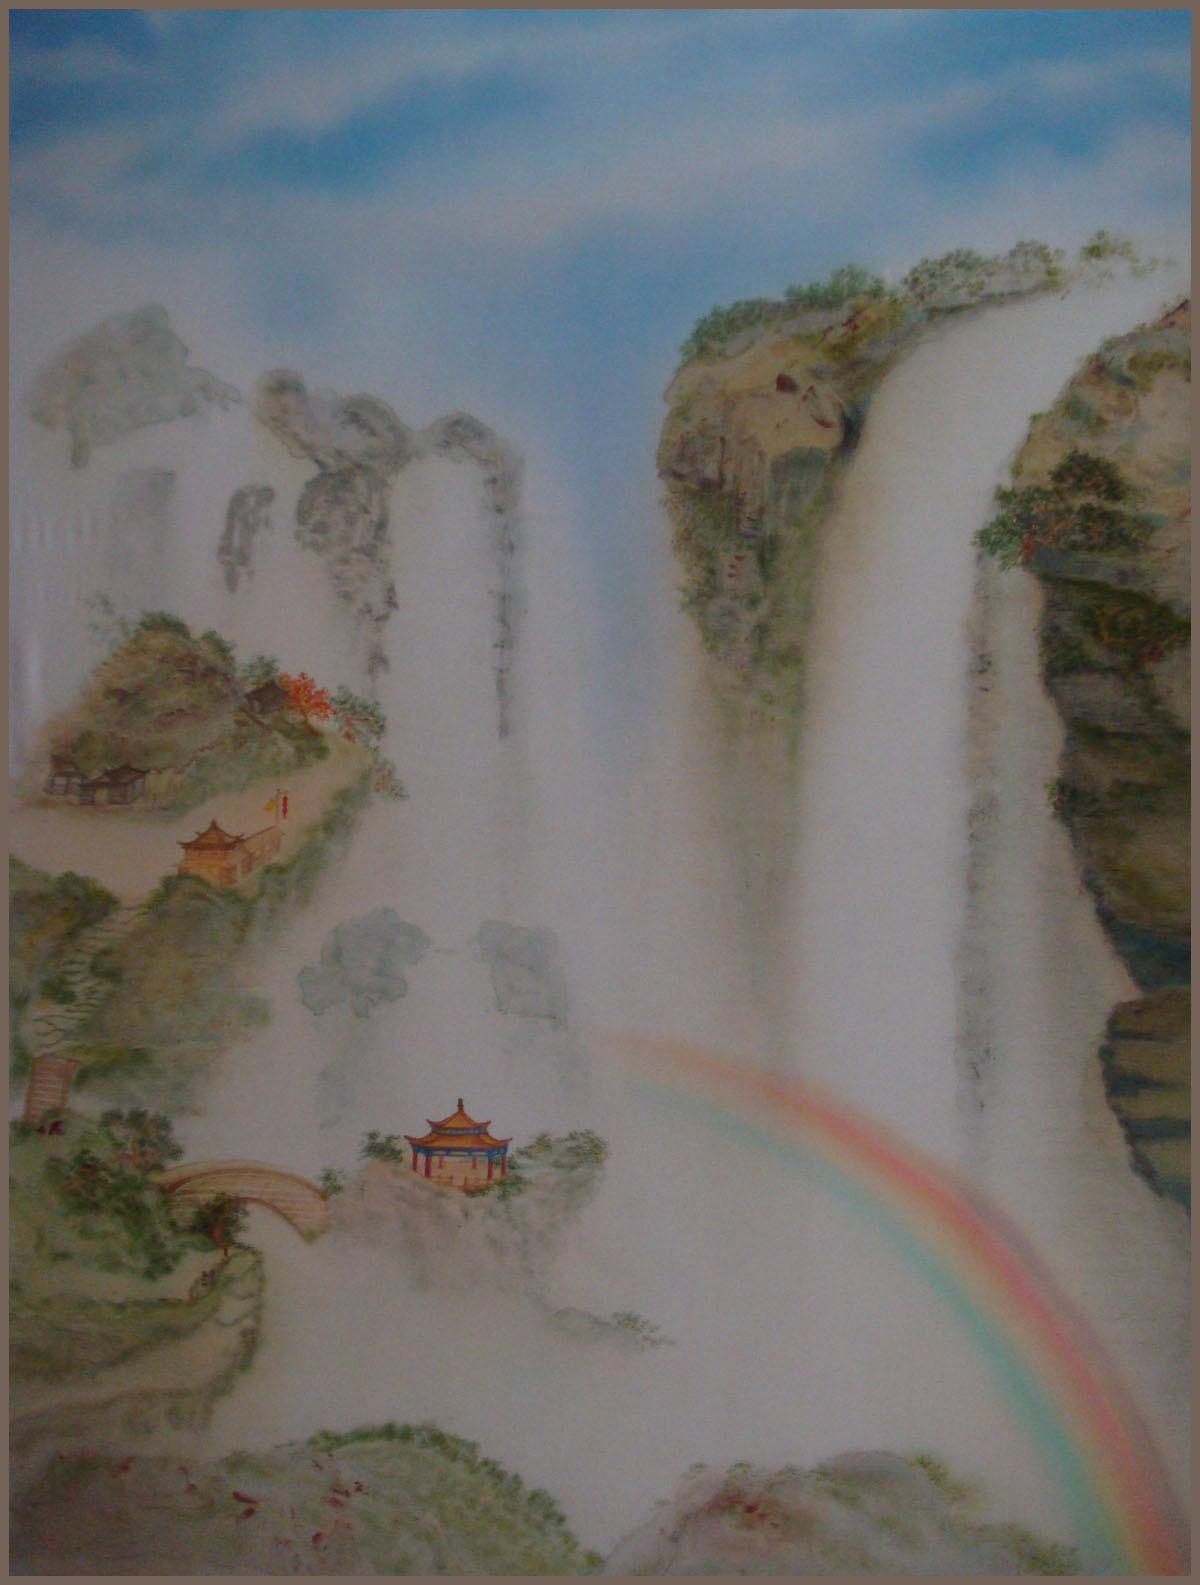 帛画研究文化鉴言 - 热点赏析 - 京龙艺圣